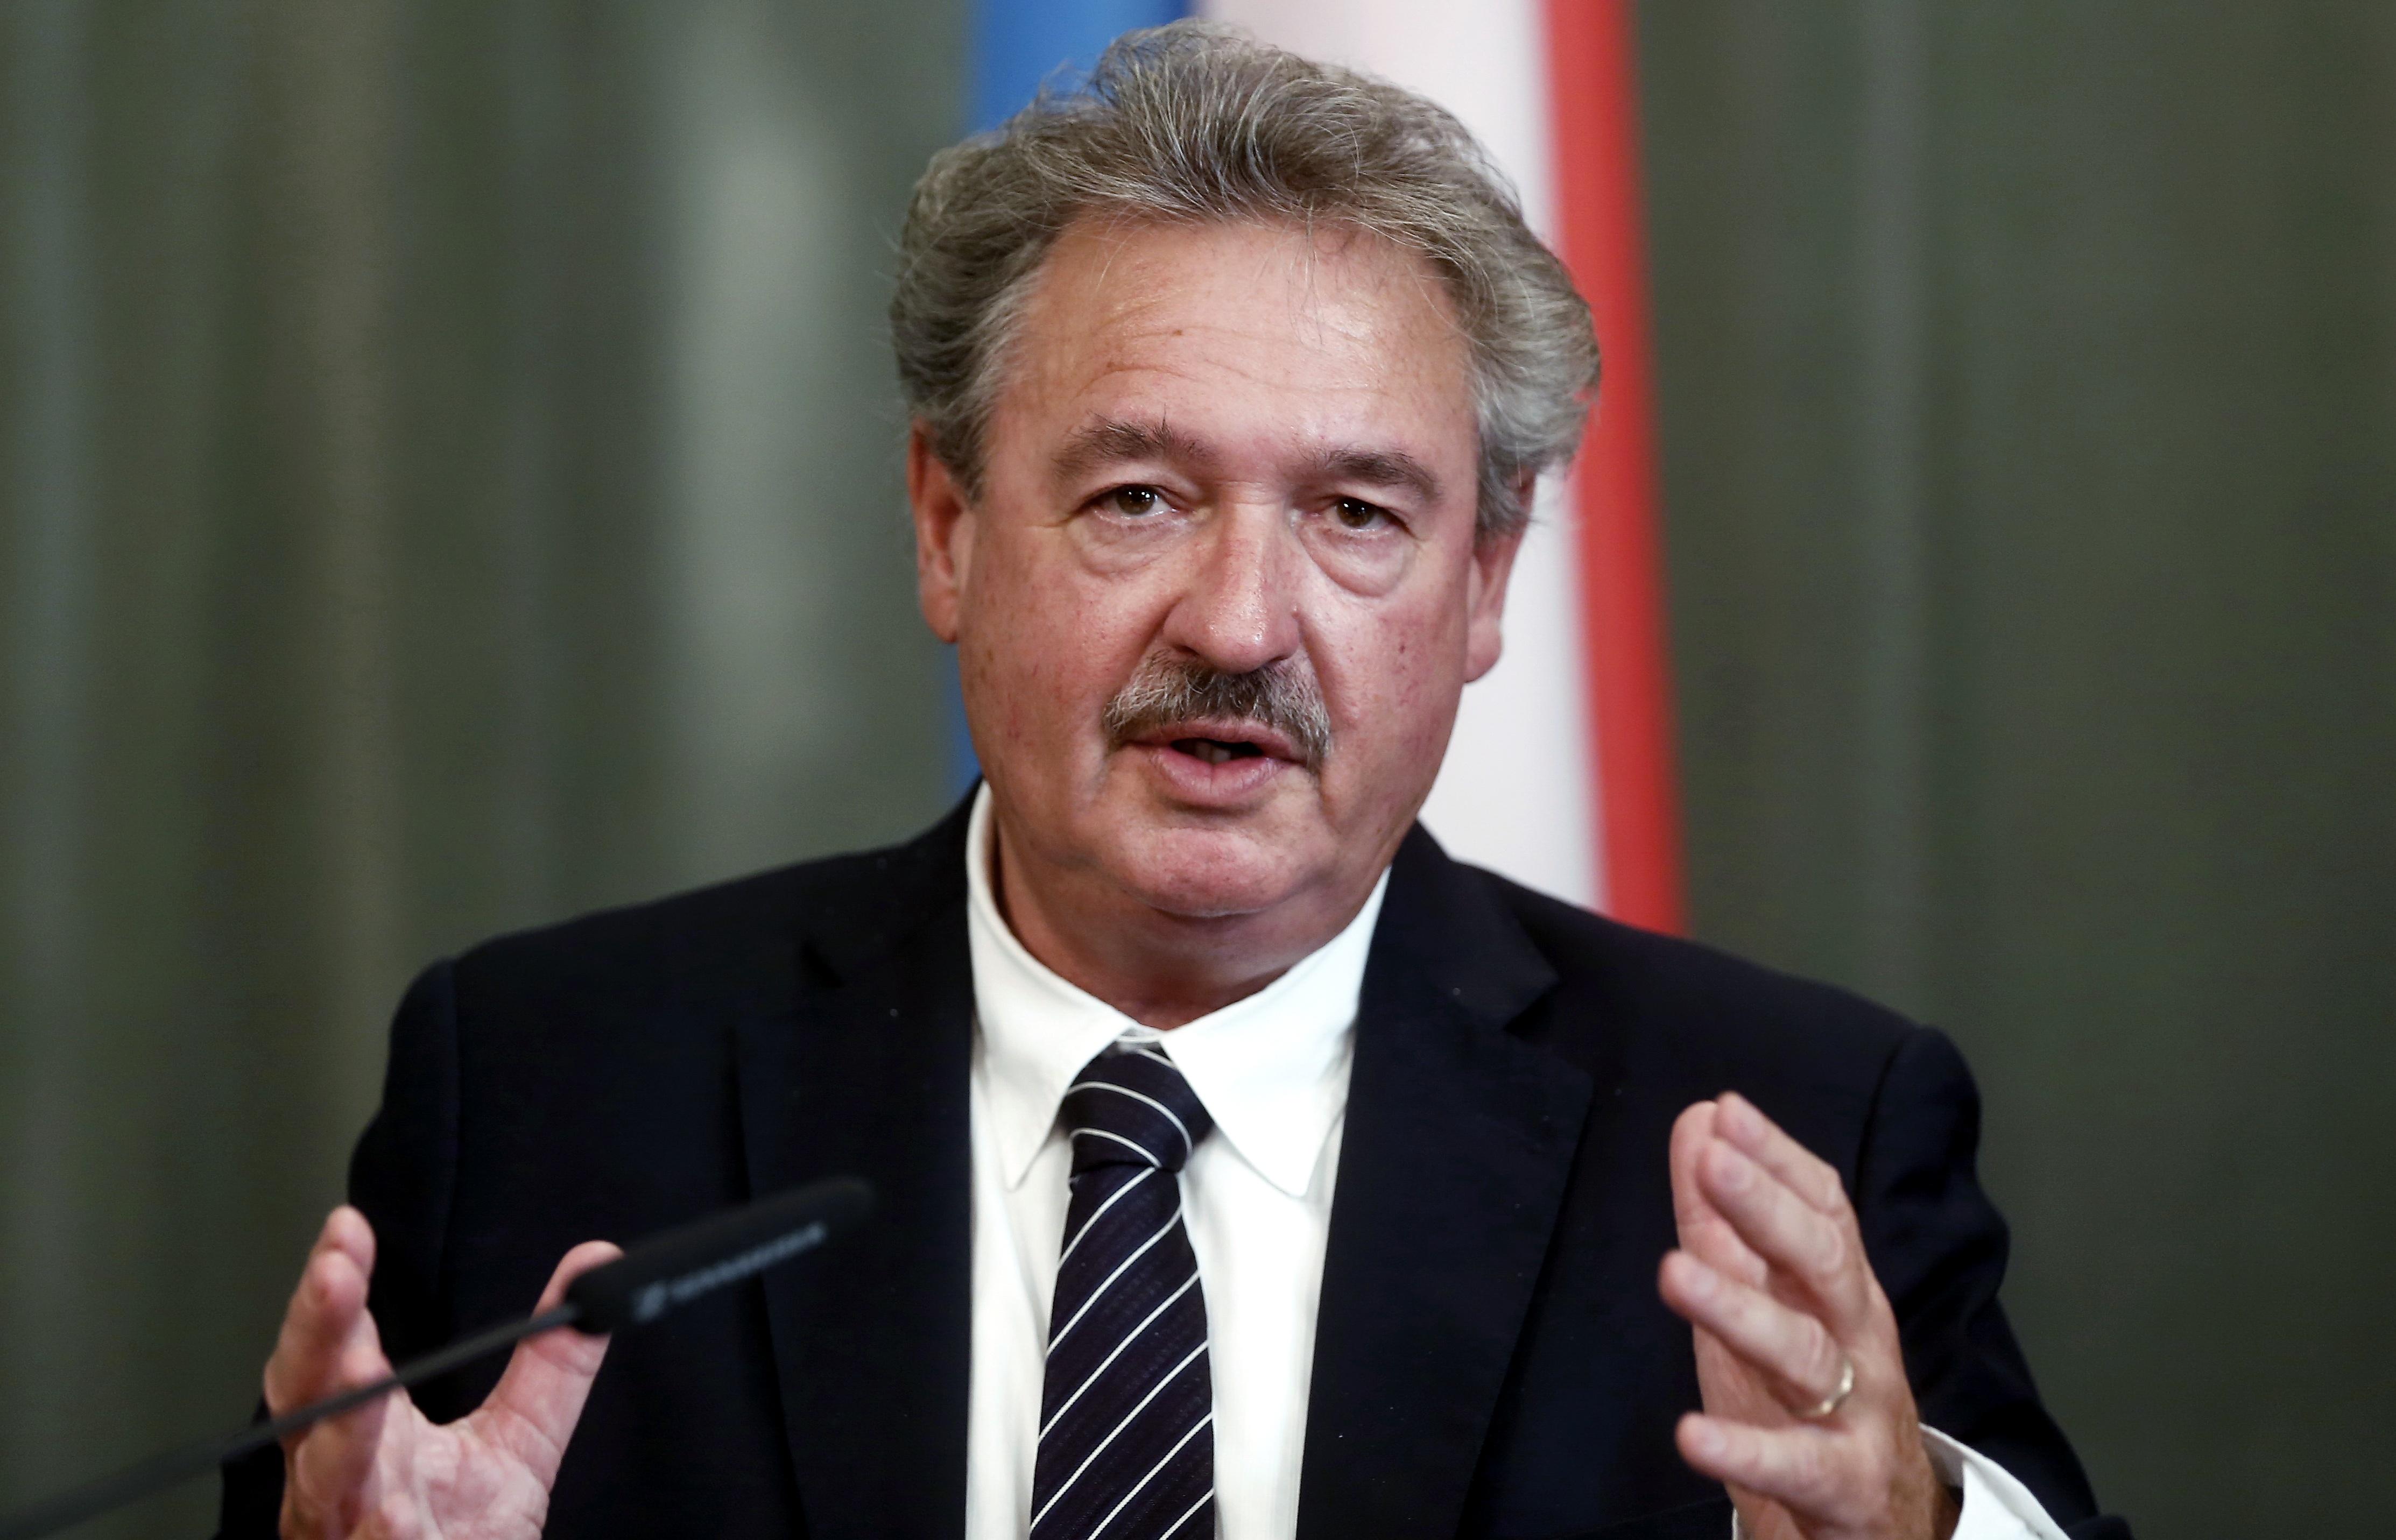 Руководитель МИД Люксембурга отправится взону АТО наДонбассе